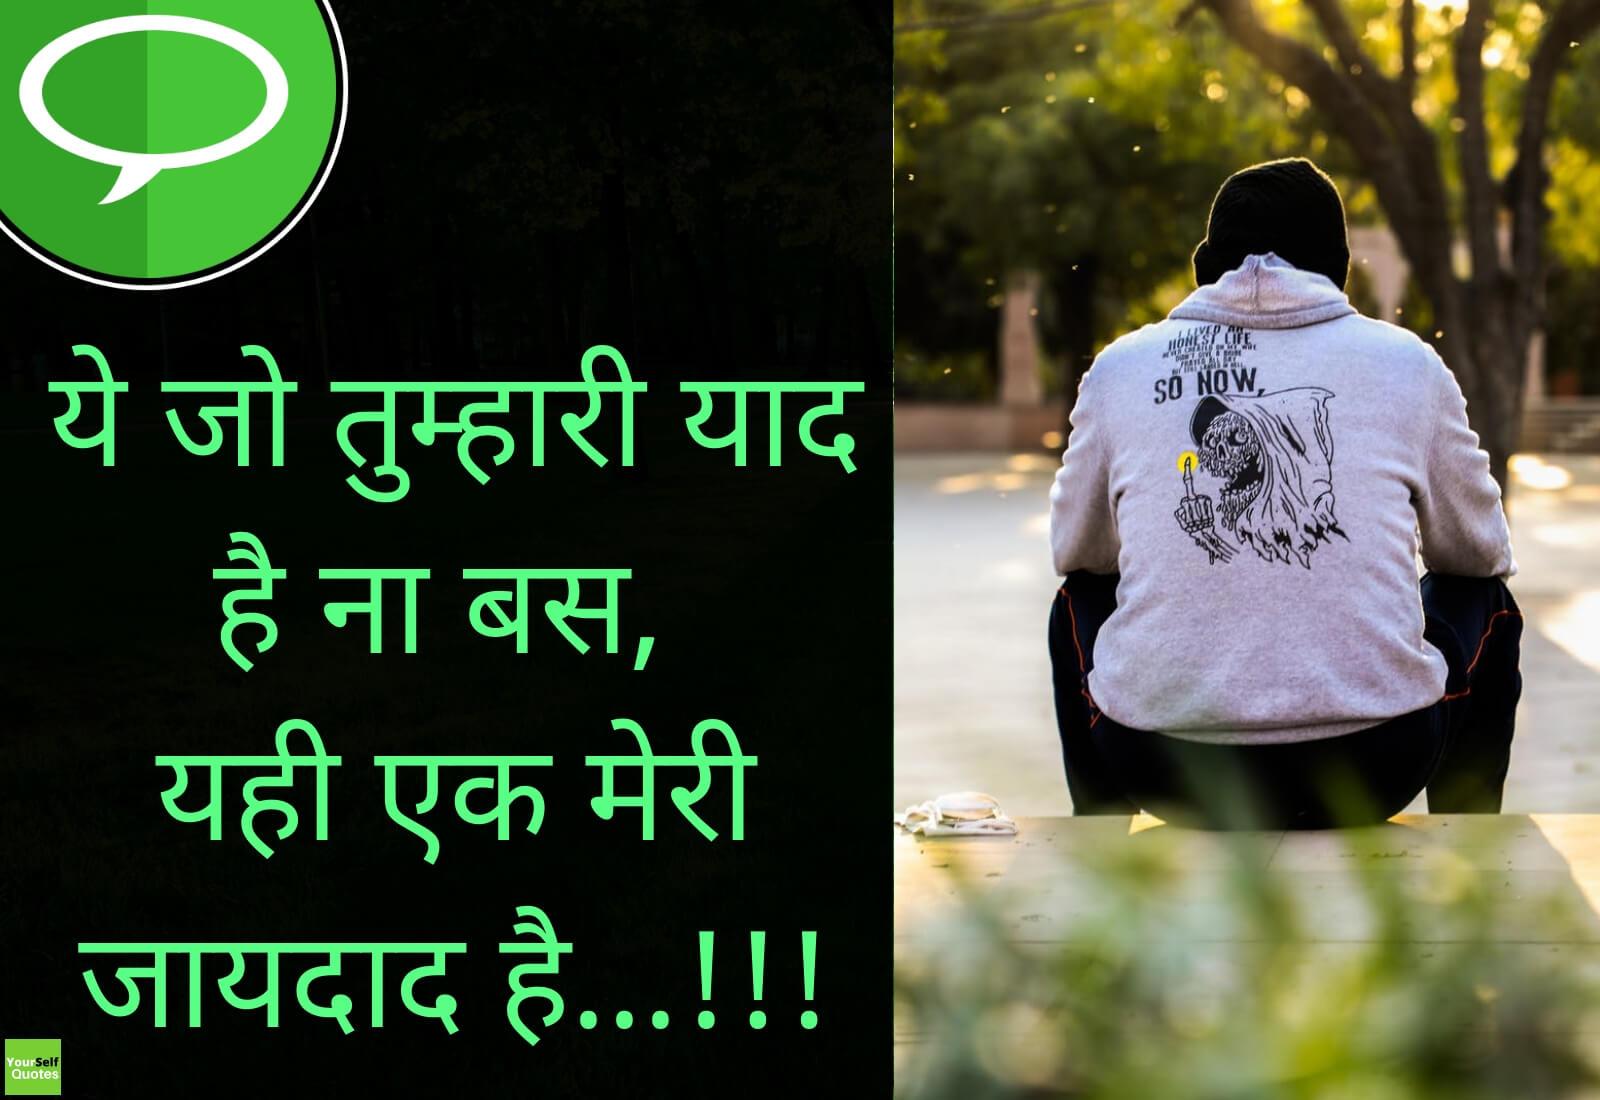 dard bhari shayari for whatsapp status